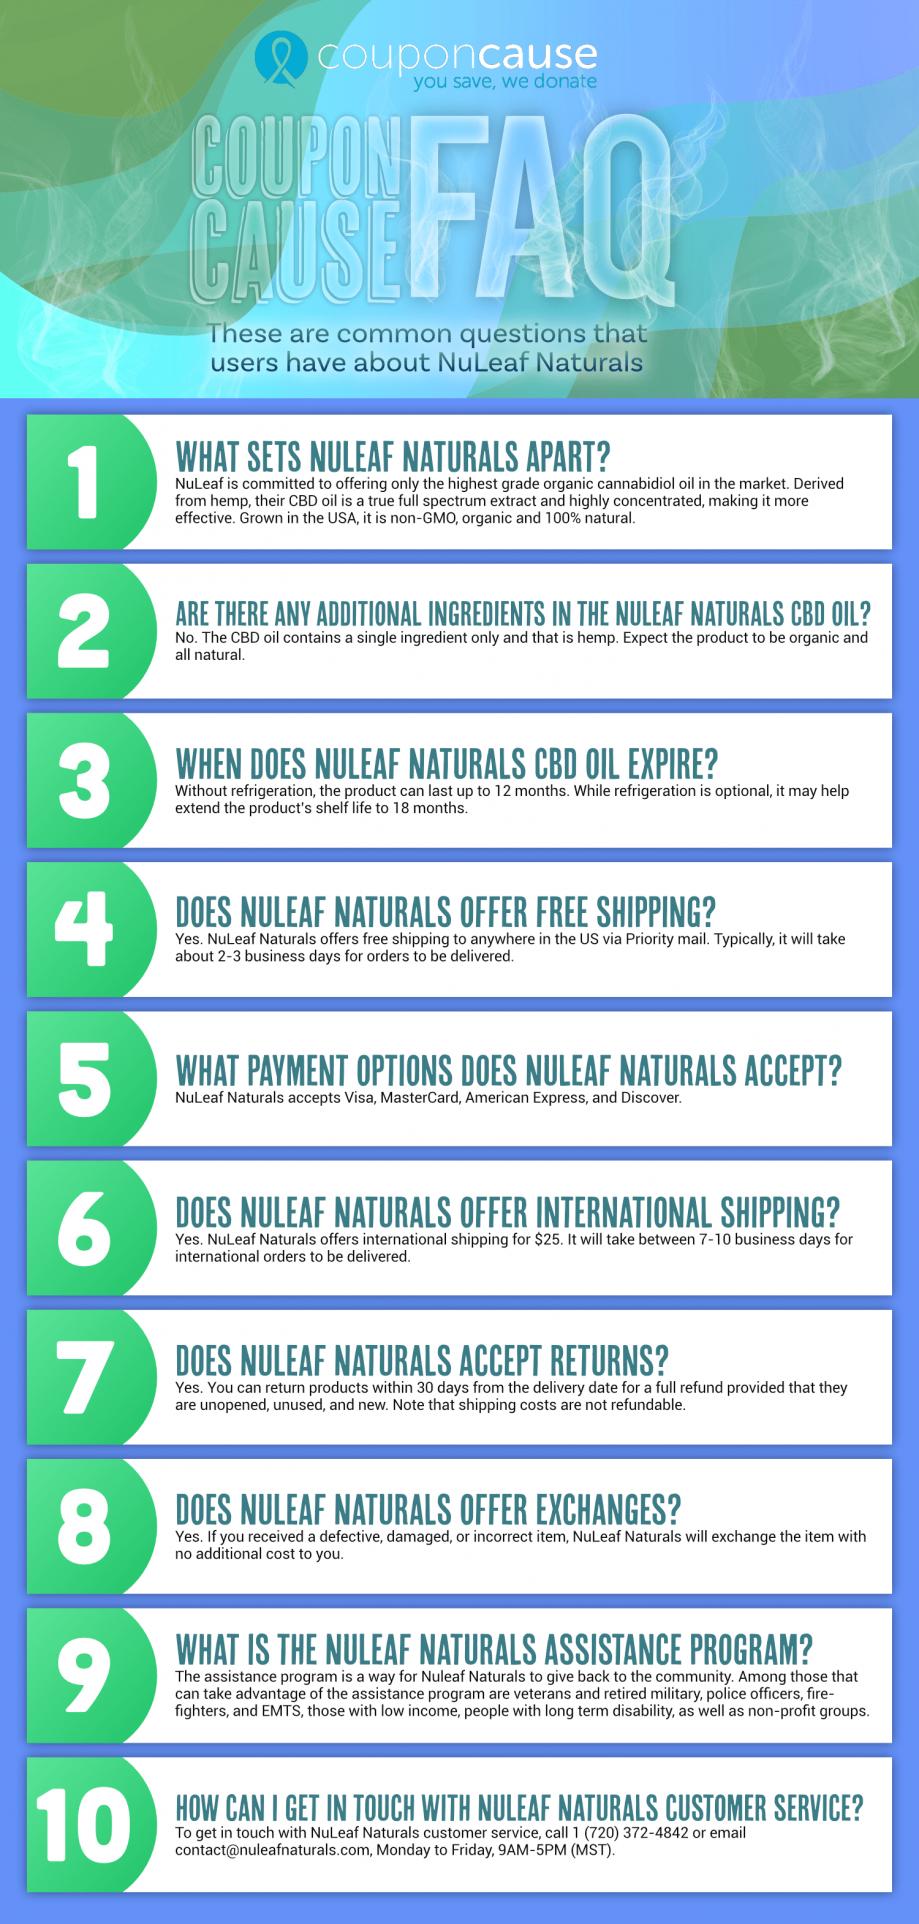 NuLeaf Naturals Infographic Order Coupon Cause FAQ (C.C. FAQ)